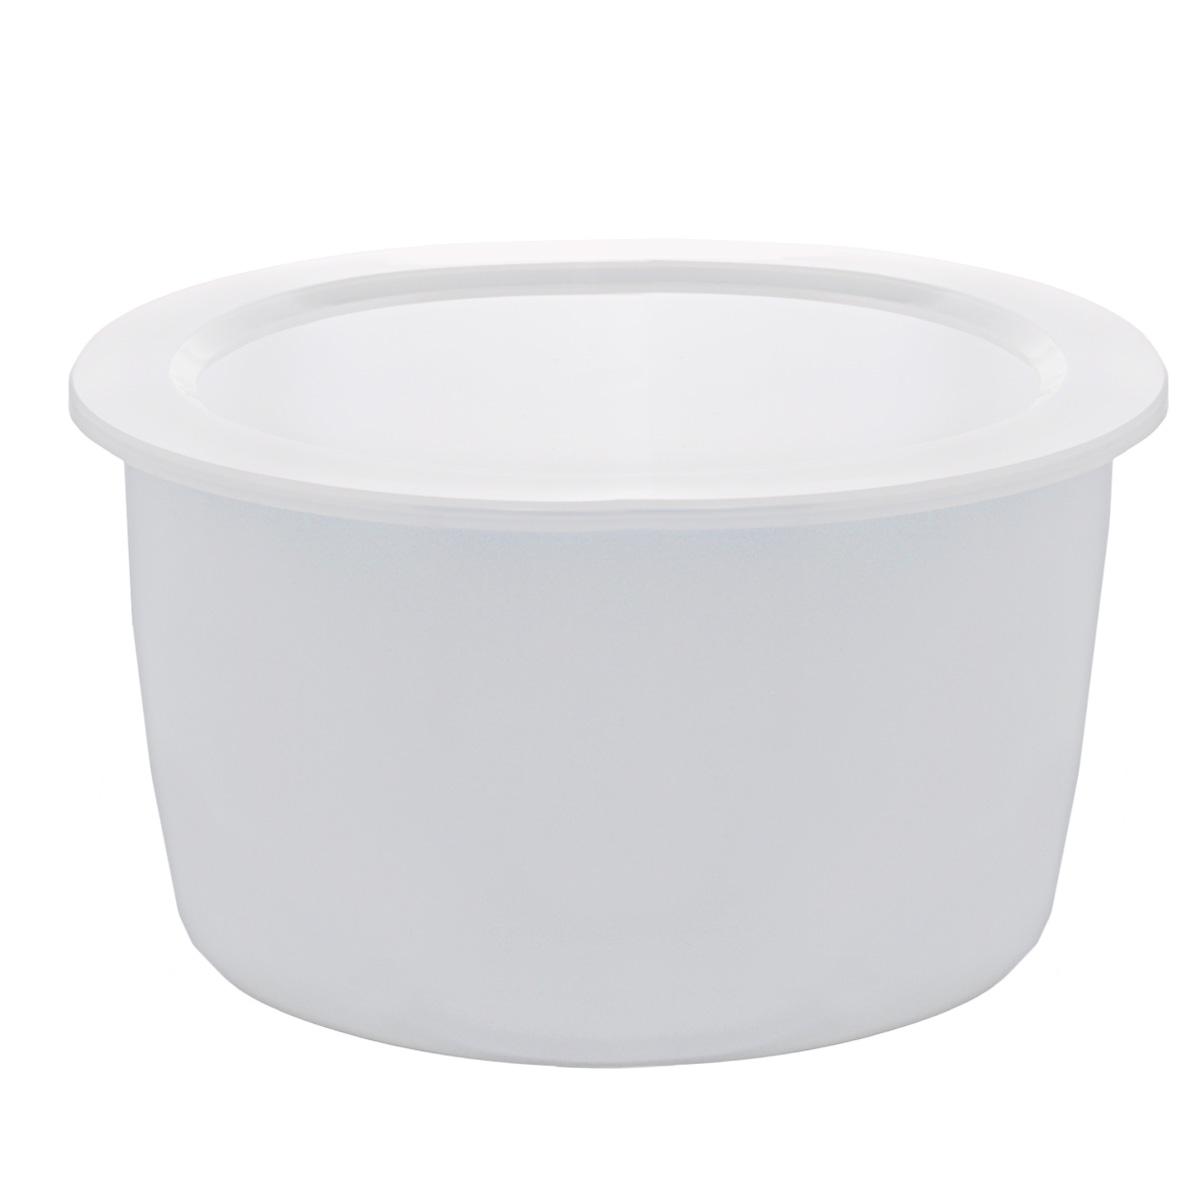 Steba AS 4 сменная чаша для мультиварки DD1/2 steba as 5 сменная чаша для мультиварки dd 2 xl 6л